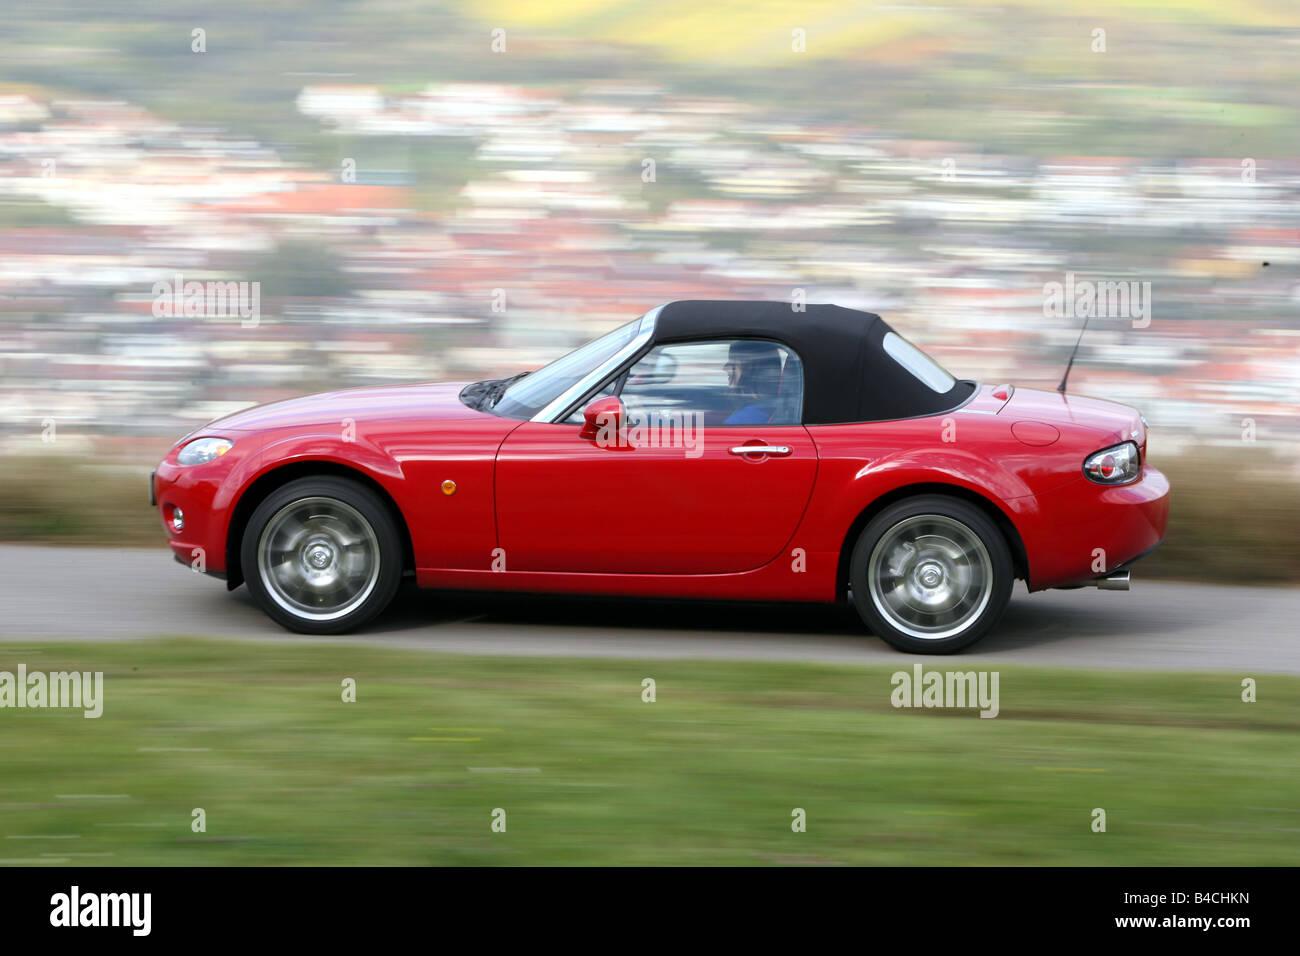 Kelebihan Kekurangan Mazda Mx5 2005 Perbandingan Harga